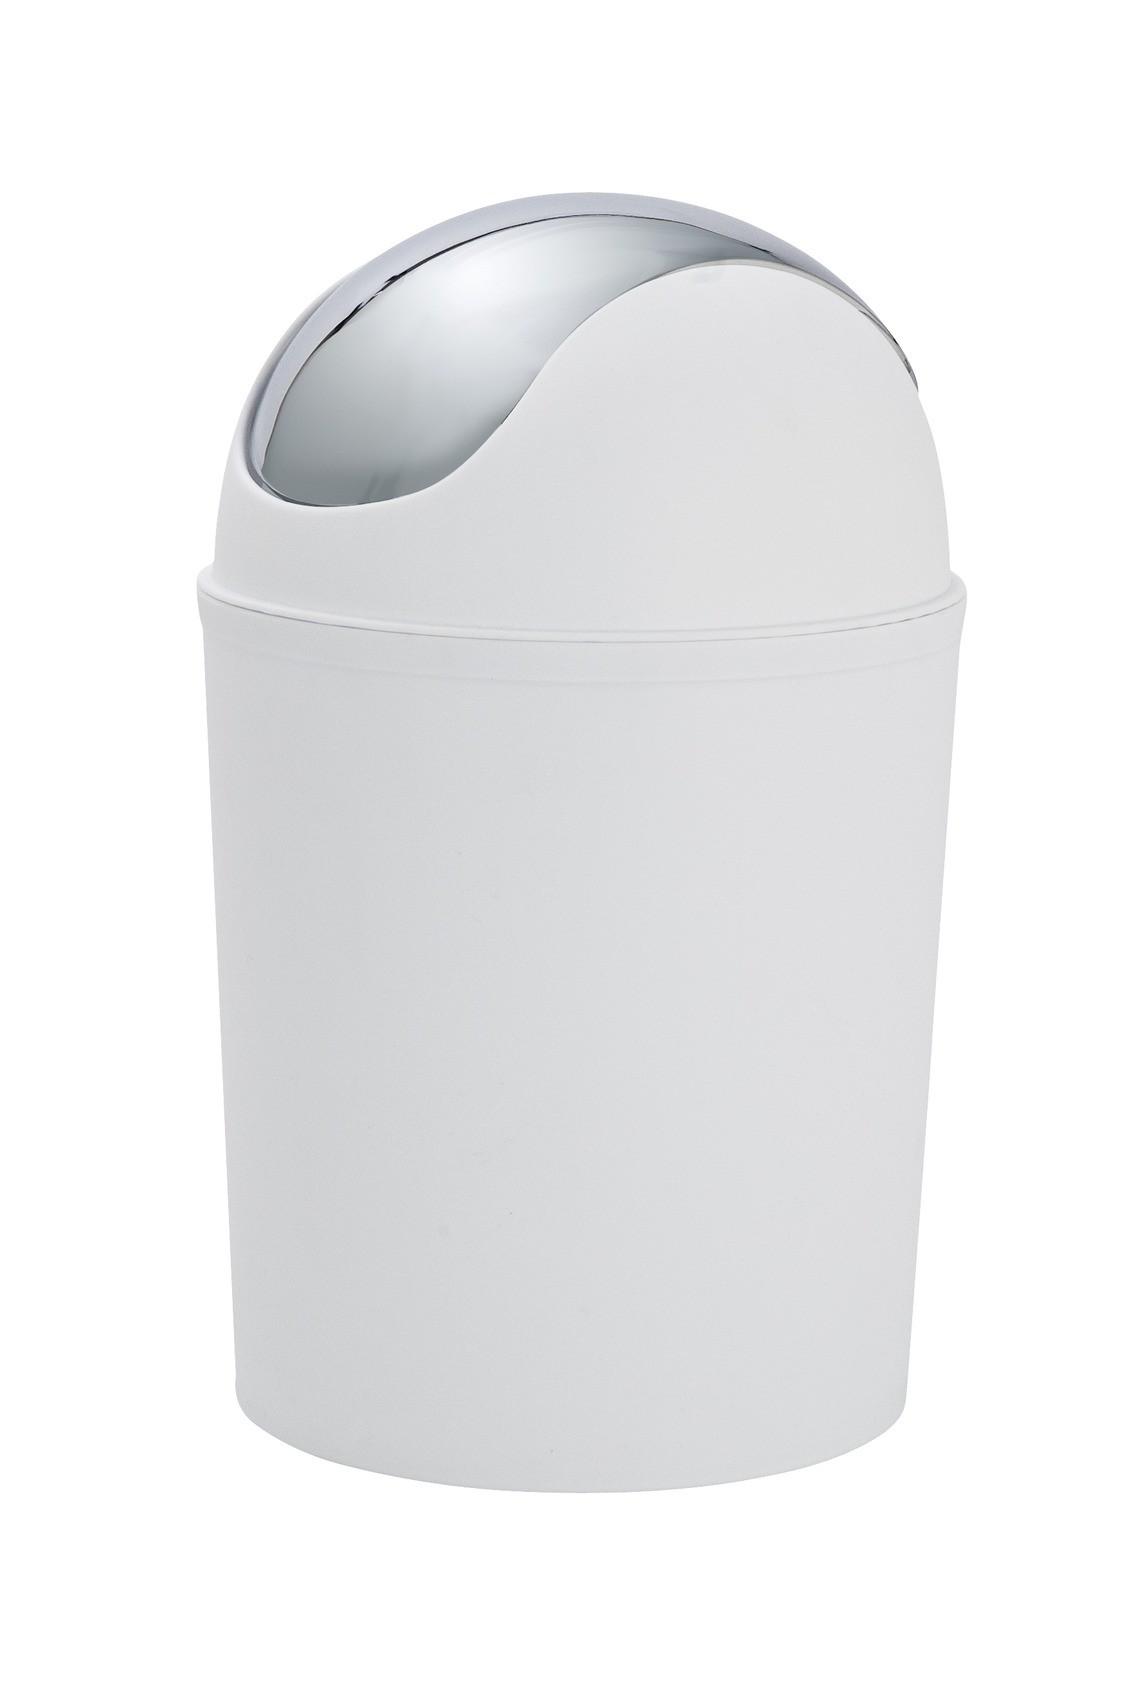 Wenko Schwingdeckeleimer Vercelli Chrom, 4,5 Liter